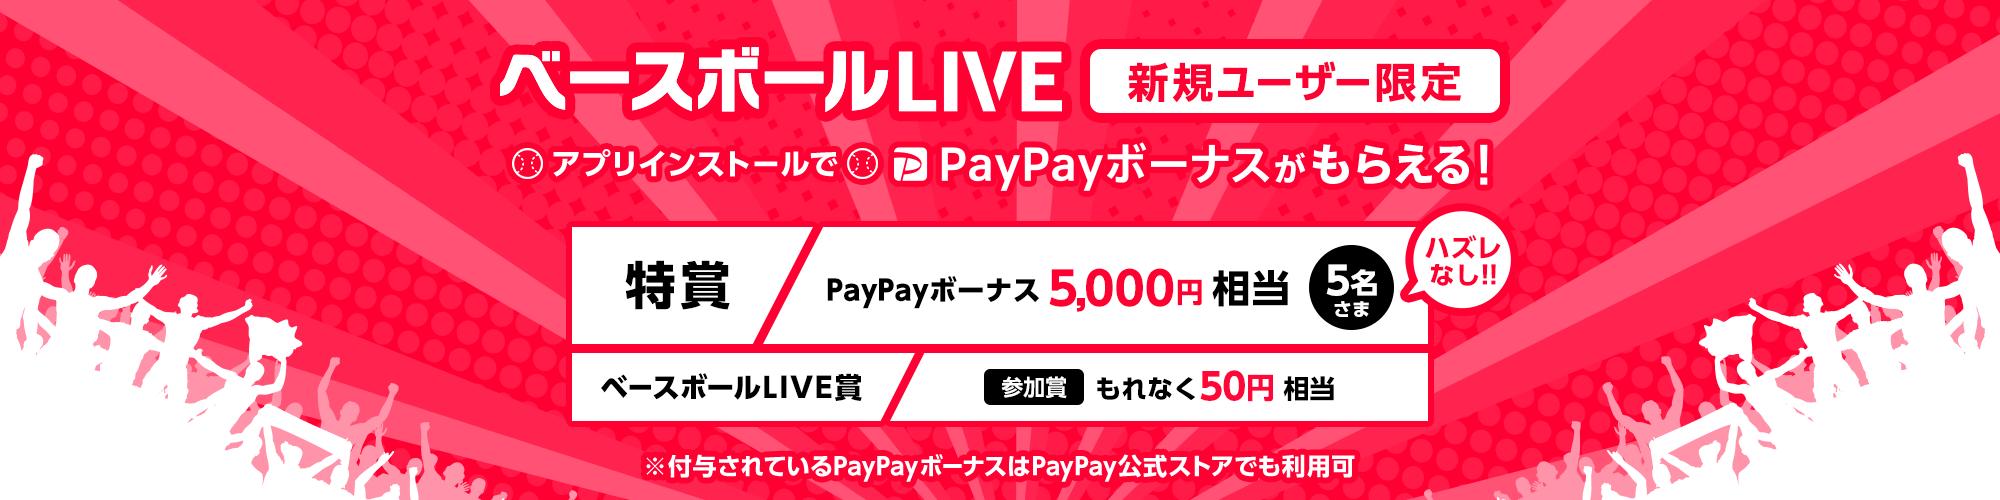 ソフトバンクのベイスボールLIVEのアプリインストールでもれなく50円相当PayPayがもらえる。